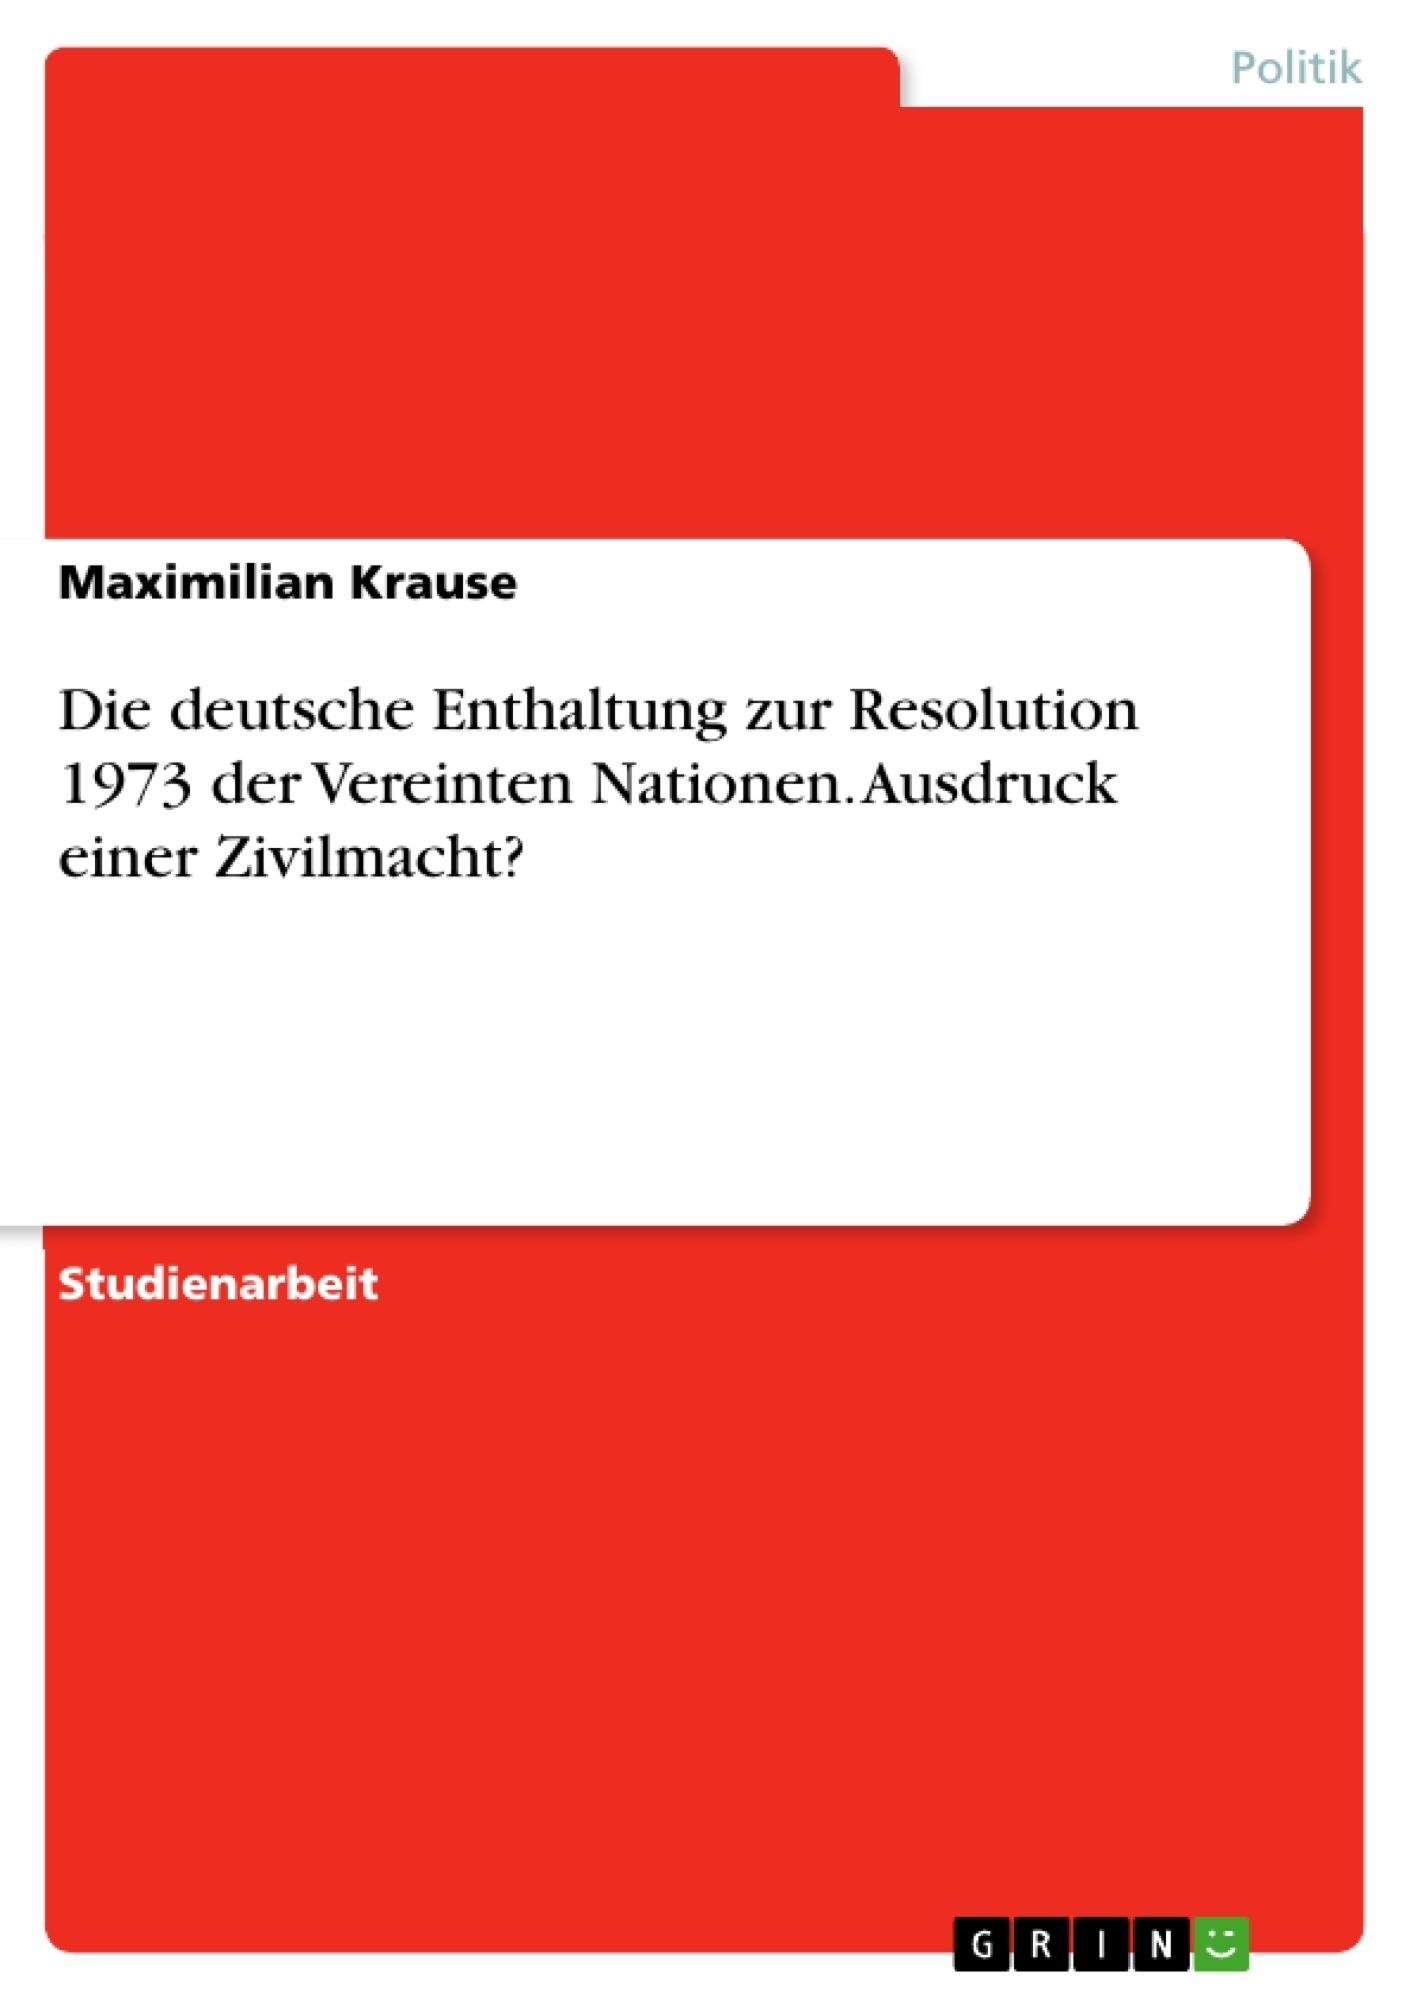 Titel: Die deutsche Enthaltung zur Resolution 1973 der Vereinten Nationen. Ausdruck einer Zivilmacht?